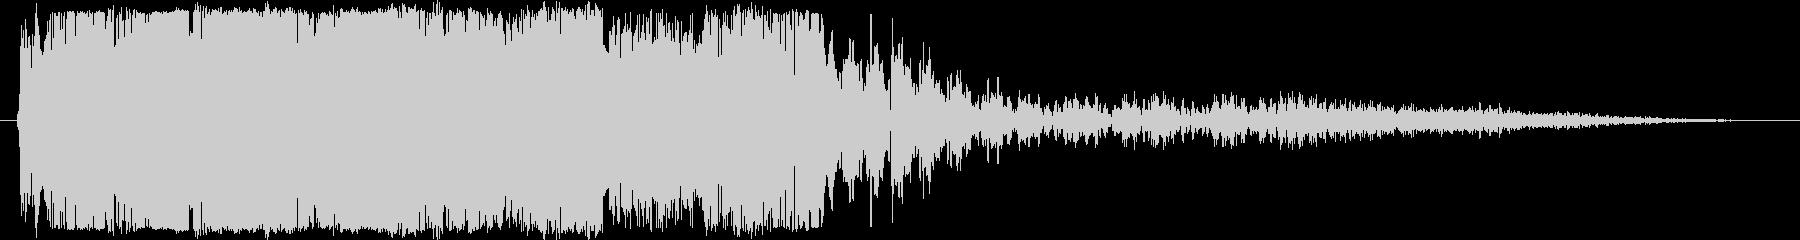 DJ ラジオ 映像 クリエイター様に12の未再生の波形